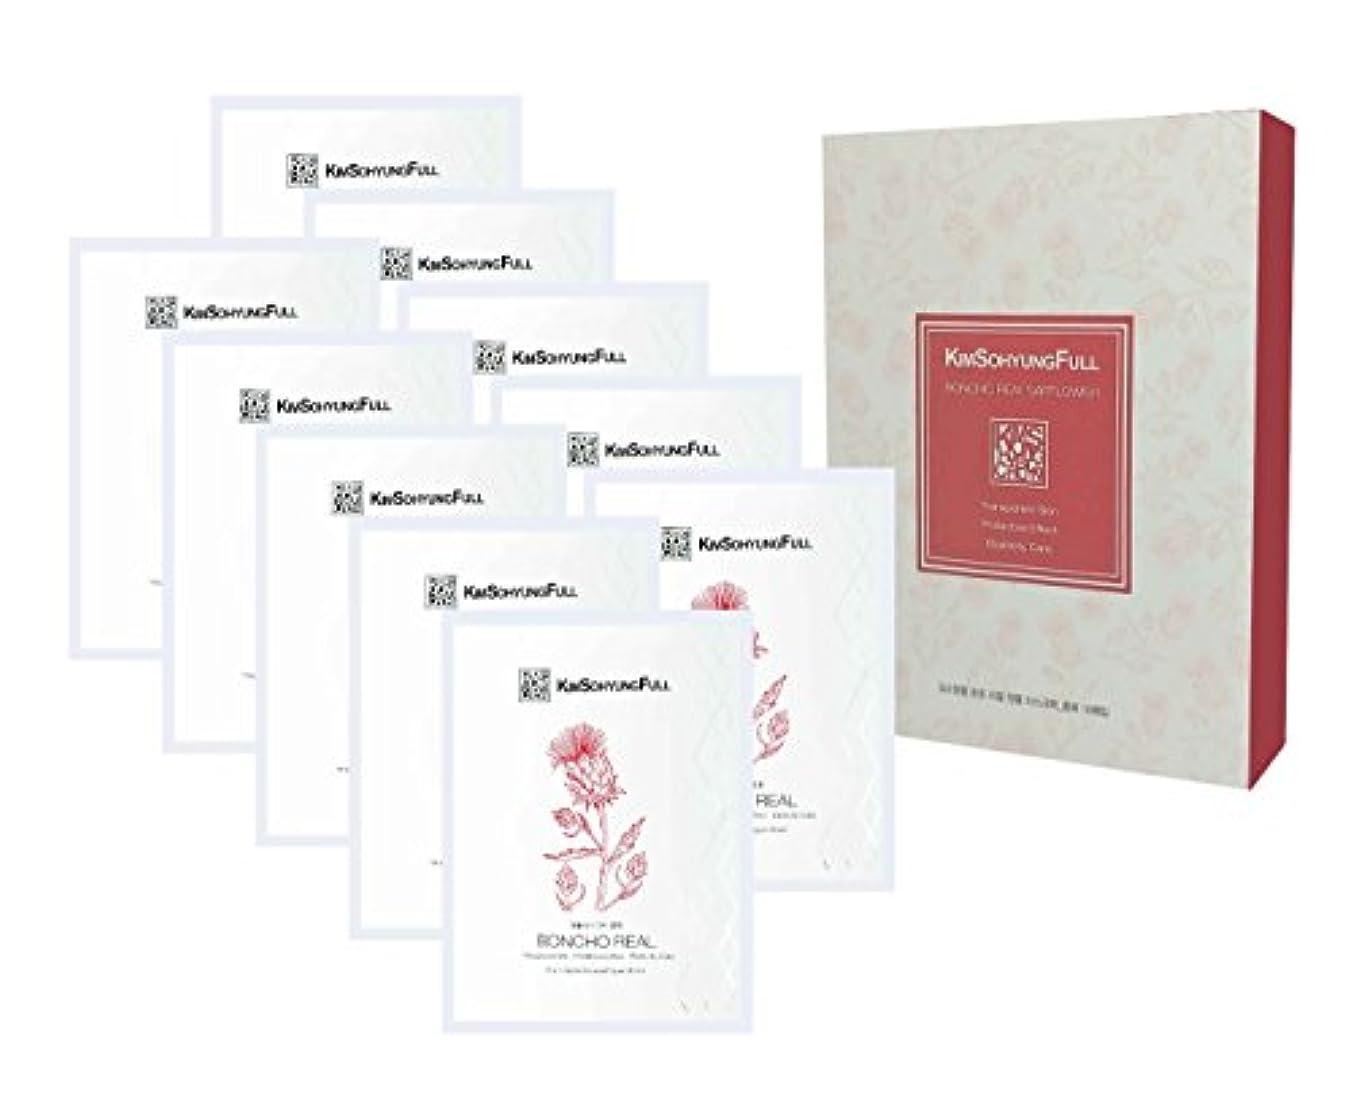 令状火傷機密[ギムソヒョンフル] 本草 本物のべに花の花びらを使ったシートマスク10枚パック -本物のべに花の花びらを4%配合、革新的な3葬式の100%天然ボタニカルシート、23ml / 0.77液体オンス